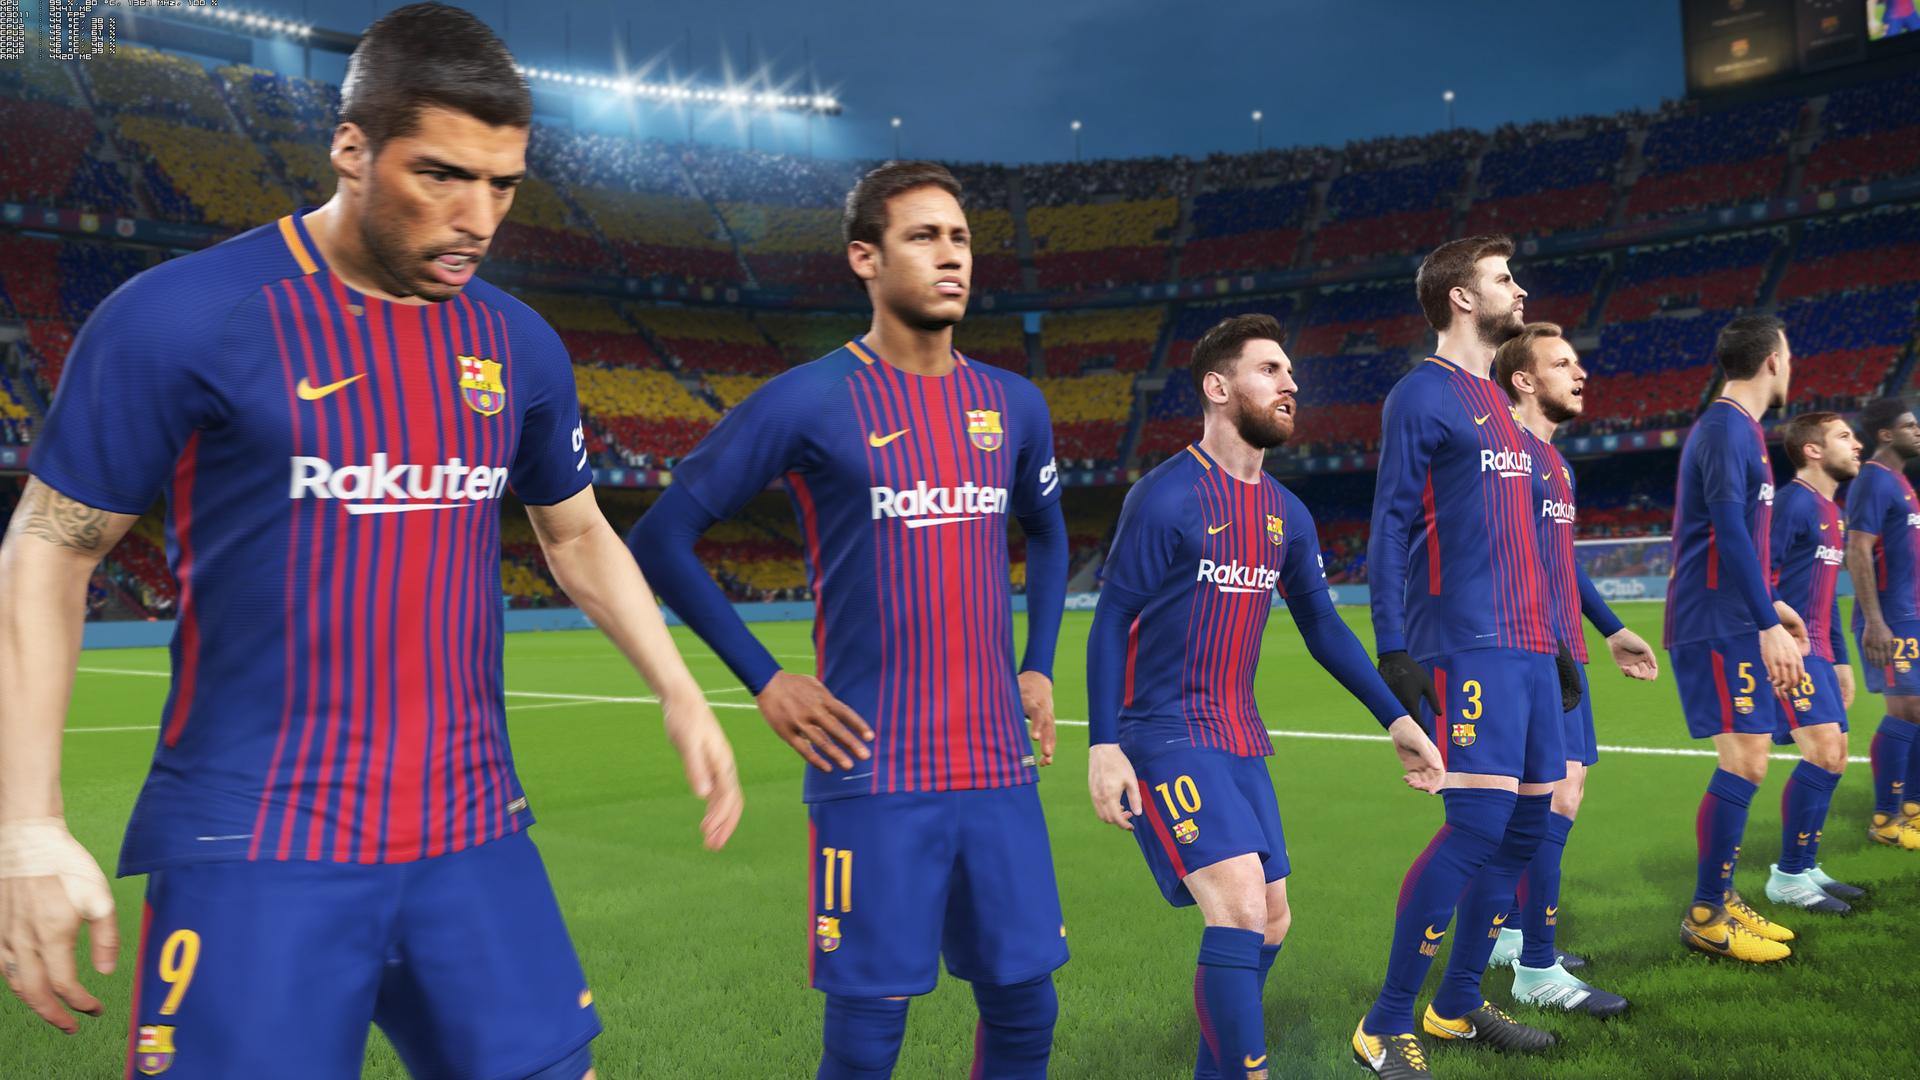 Pro Evolution Soccer 2018 - First Impressions + 4K